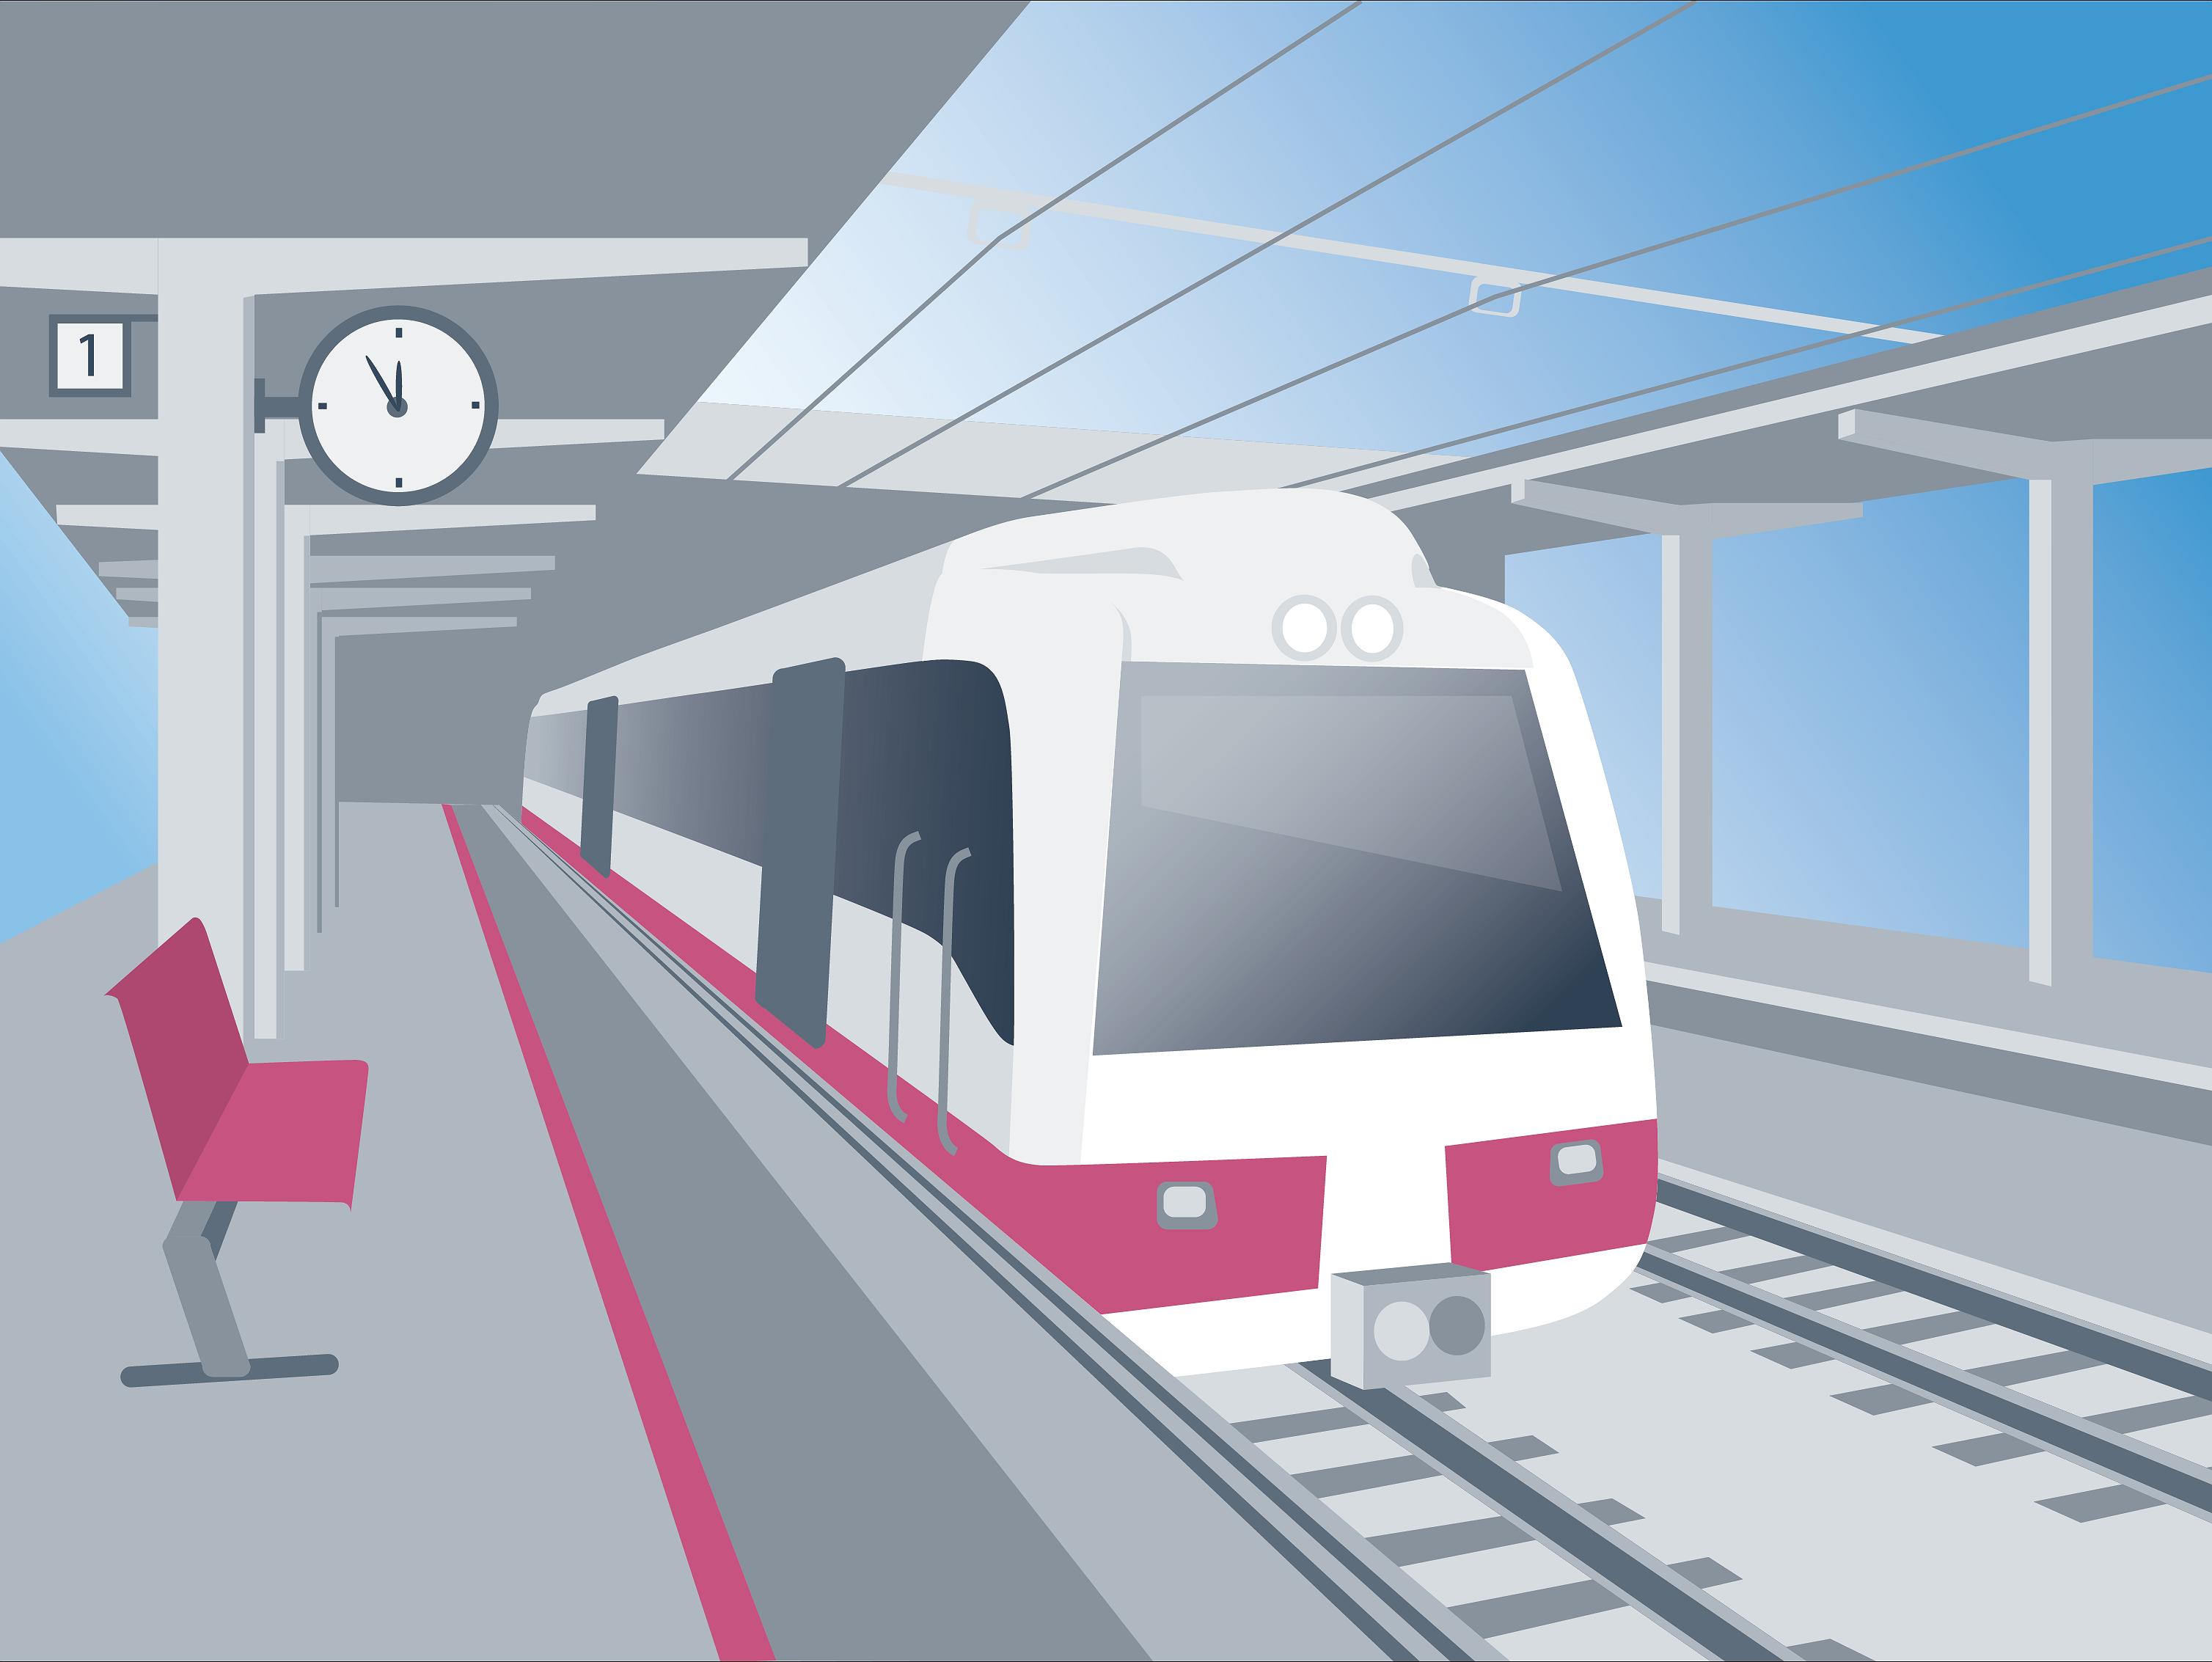 Good practice | Dit vervoerbedrijf heeft een van de meest bekende en actieve roze netwerken van Nederland